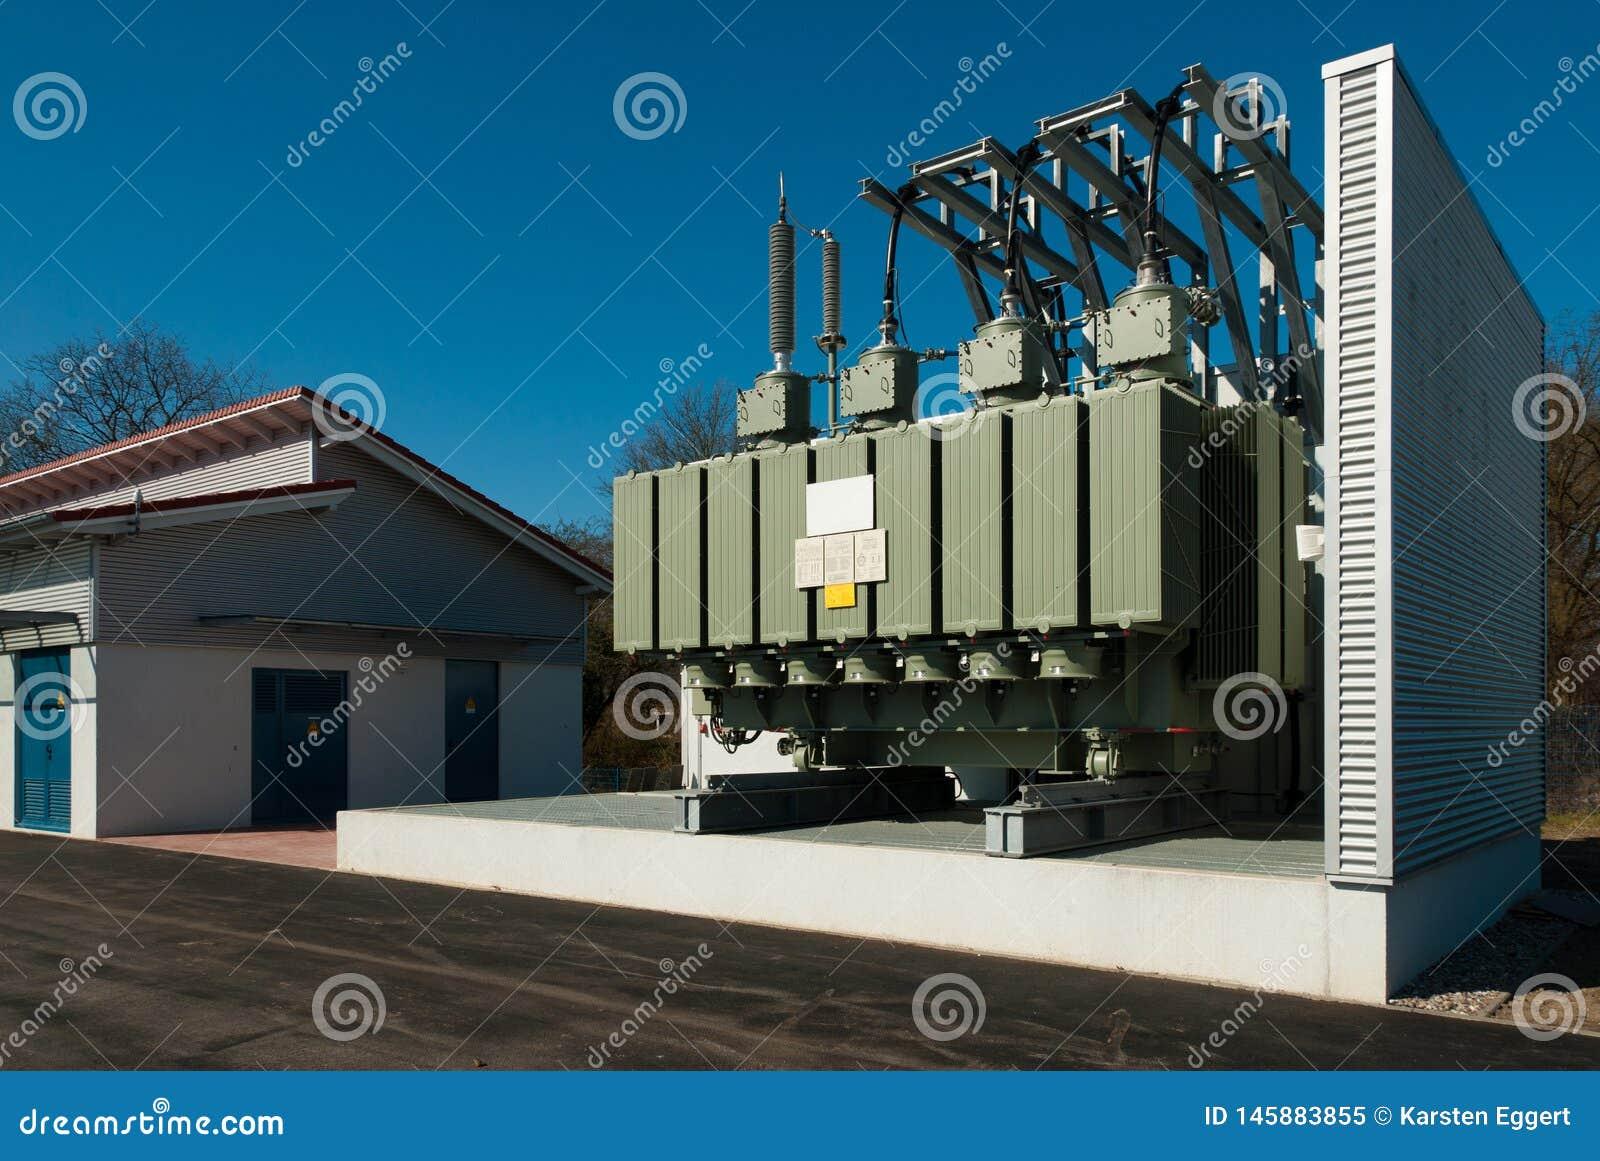 La station de transformateur fournit un secteur urbain l électricité